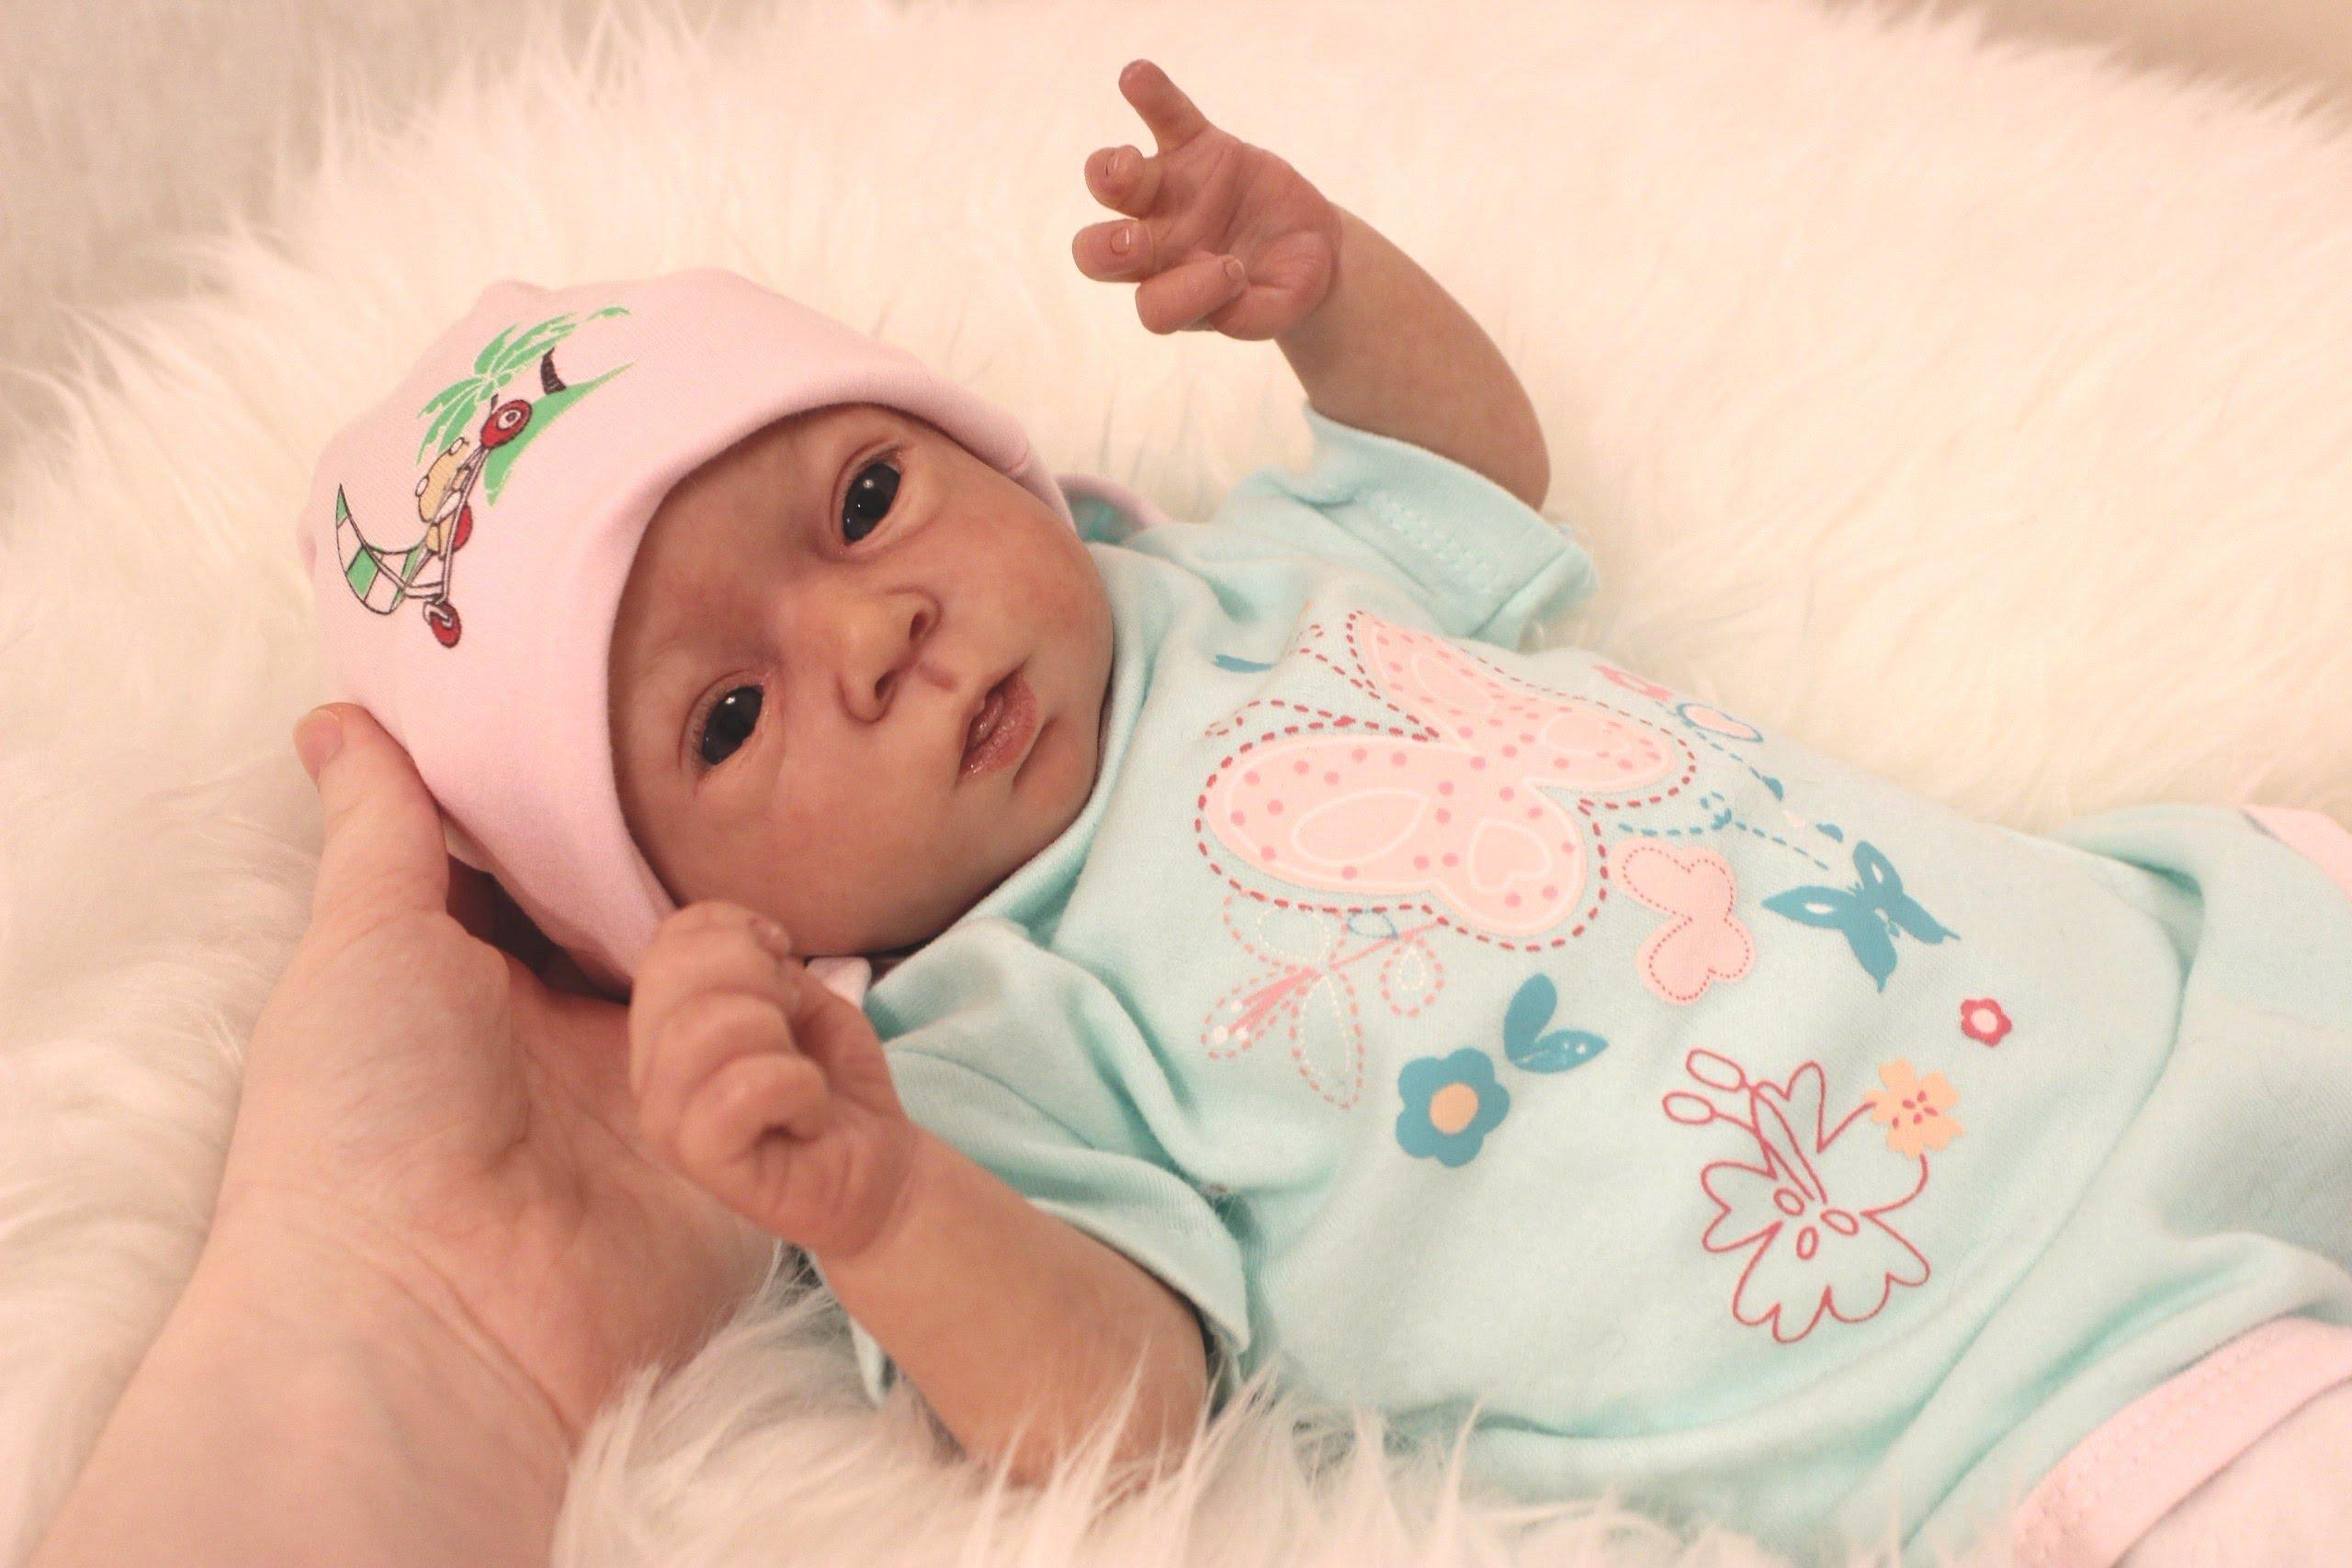 بالصور صور ولد وبنت , اجمل صور الولاد والبنات 6539 6